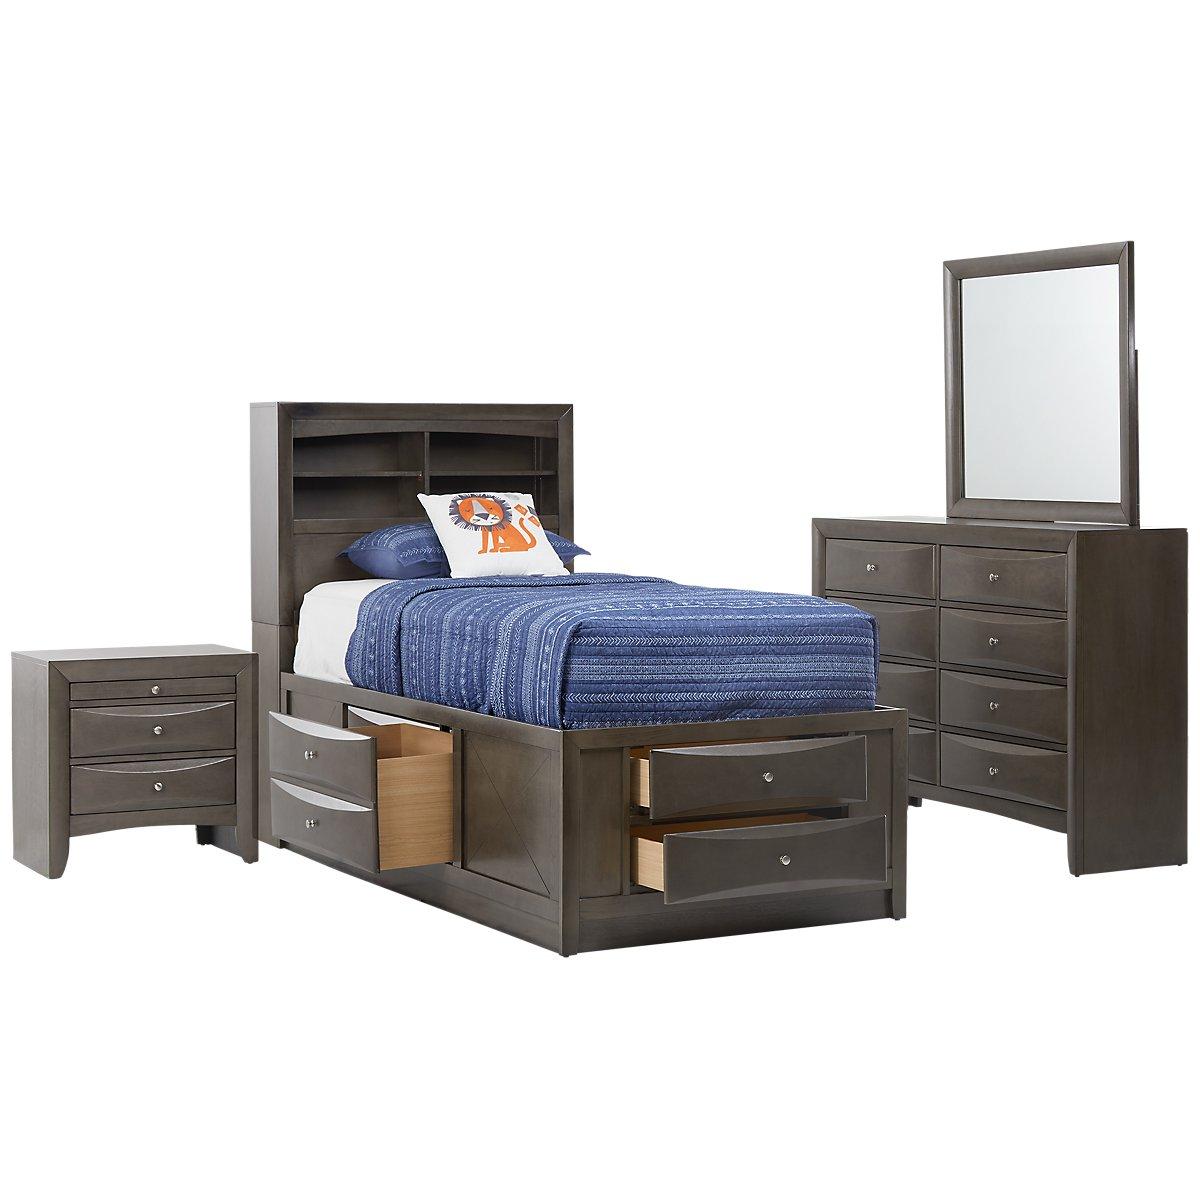 tanner gray wood panel storage bedroom  bedroom  bedroom